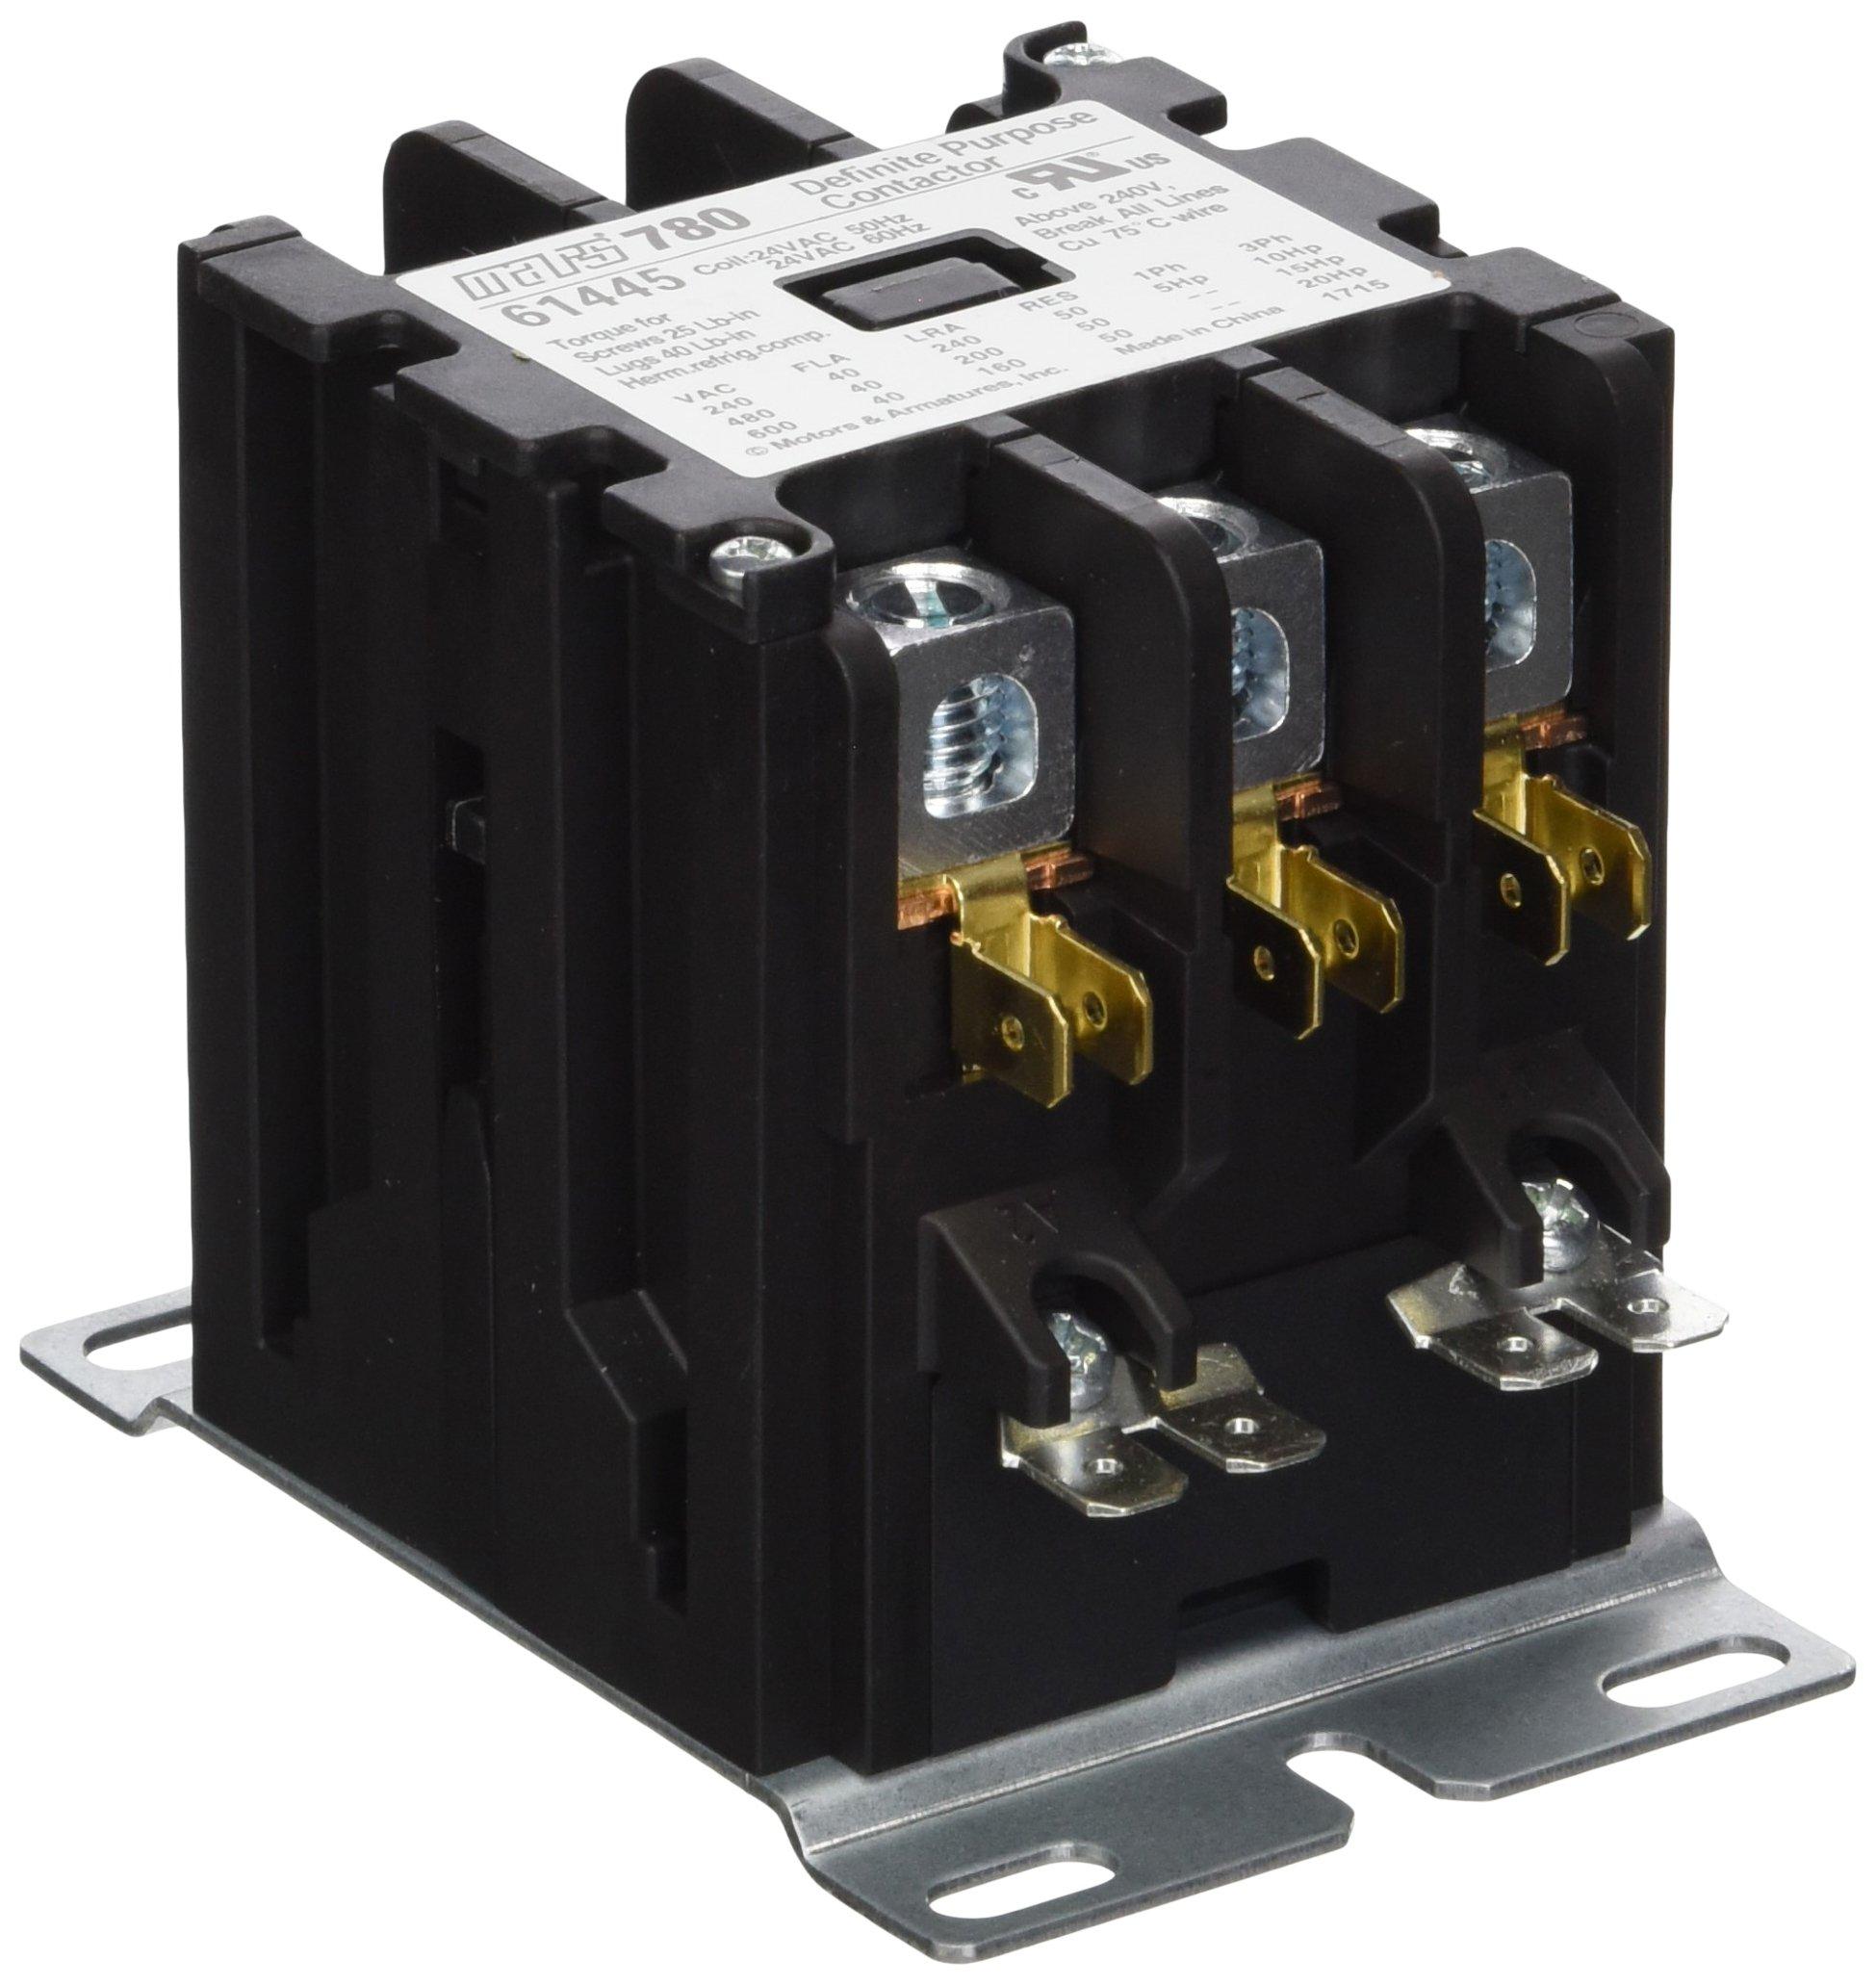 MARS - Motors & Armatures 61445 3P 40A 24V Box Lug Term Contactor